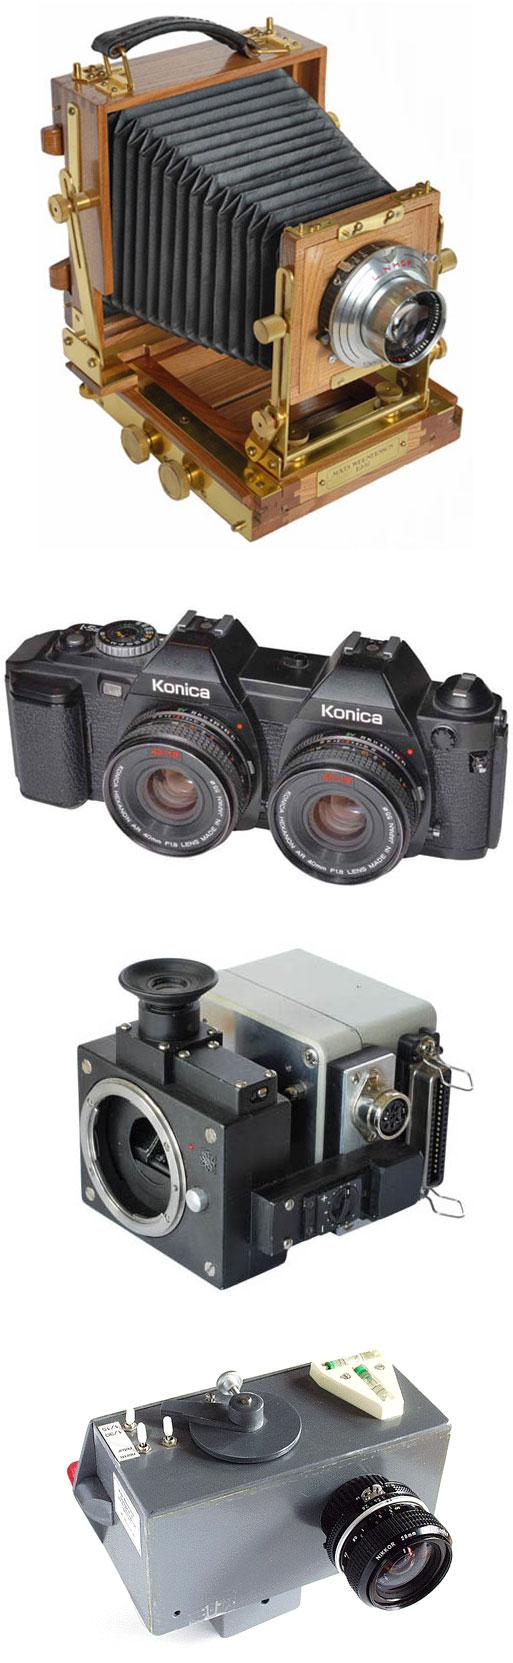 camera_maker.jpg